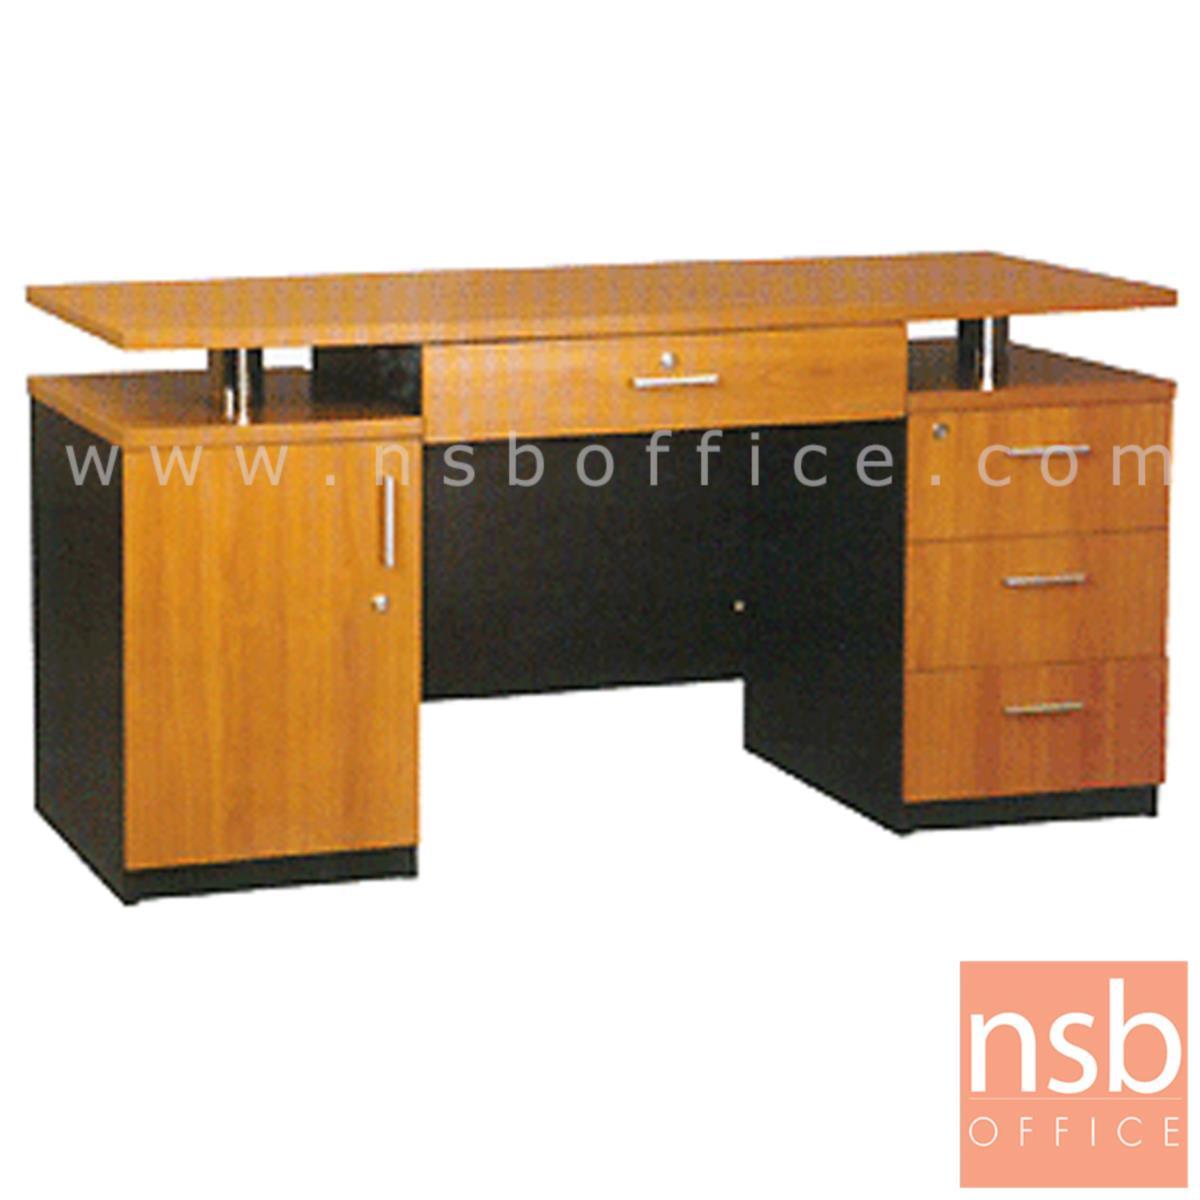 A12A043:โต๊ะทำงาน 4 ลิ้นชัก 1 บานเปิด รุ่น Hamilton (ฮามิลตัน) ขนาด 150W ,180W cm. เมลามีน